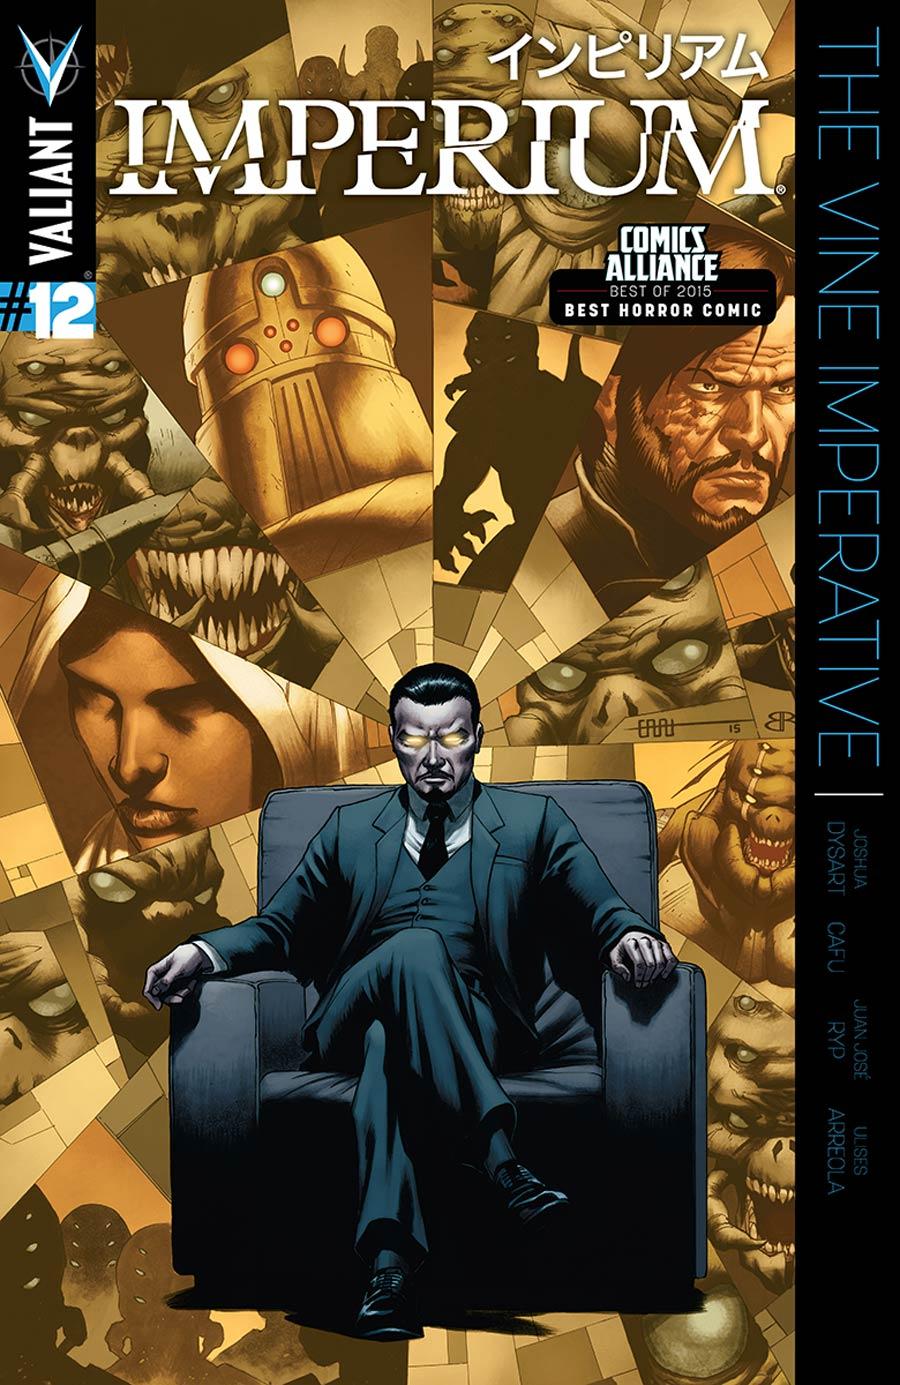 Imperium #12 Cover A Regular CAFU Cover